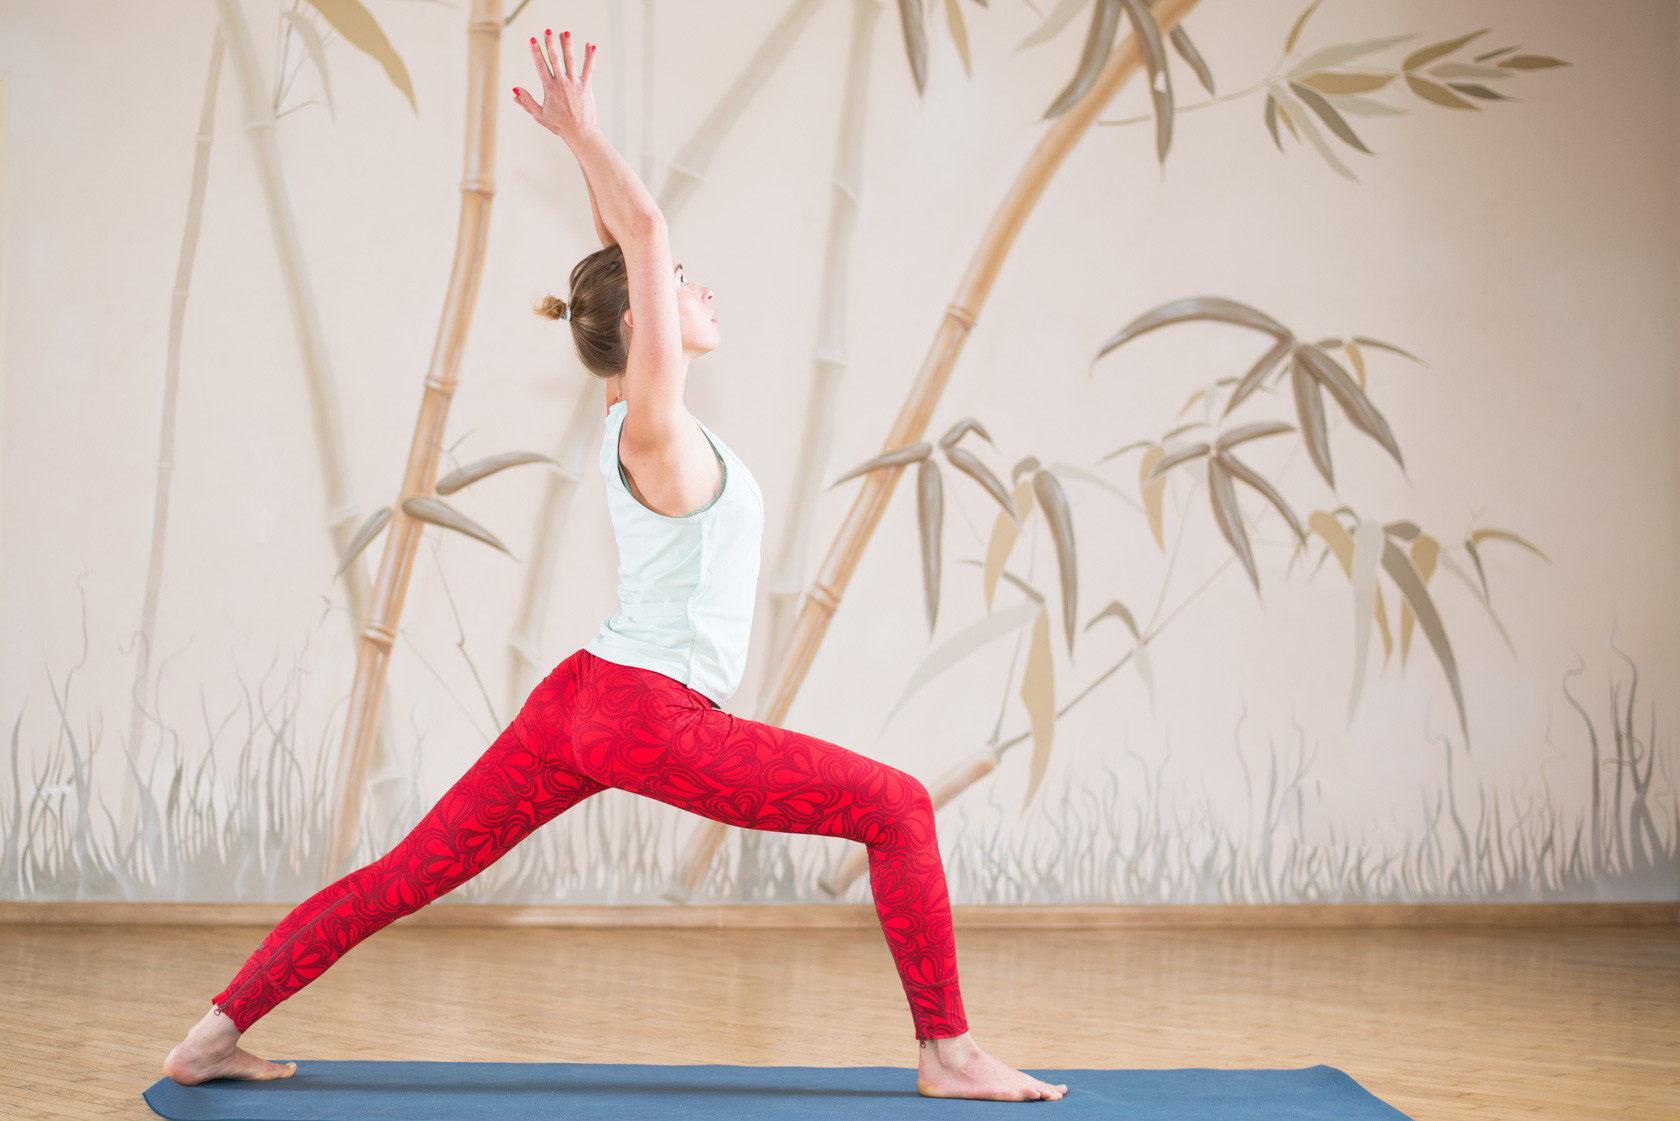 Тугоподвижность тазобедренных суставов йога перевязка голеностопного сустава при растяжении